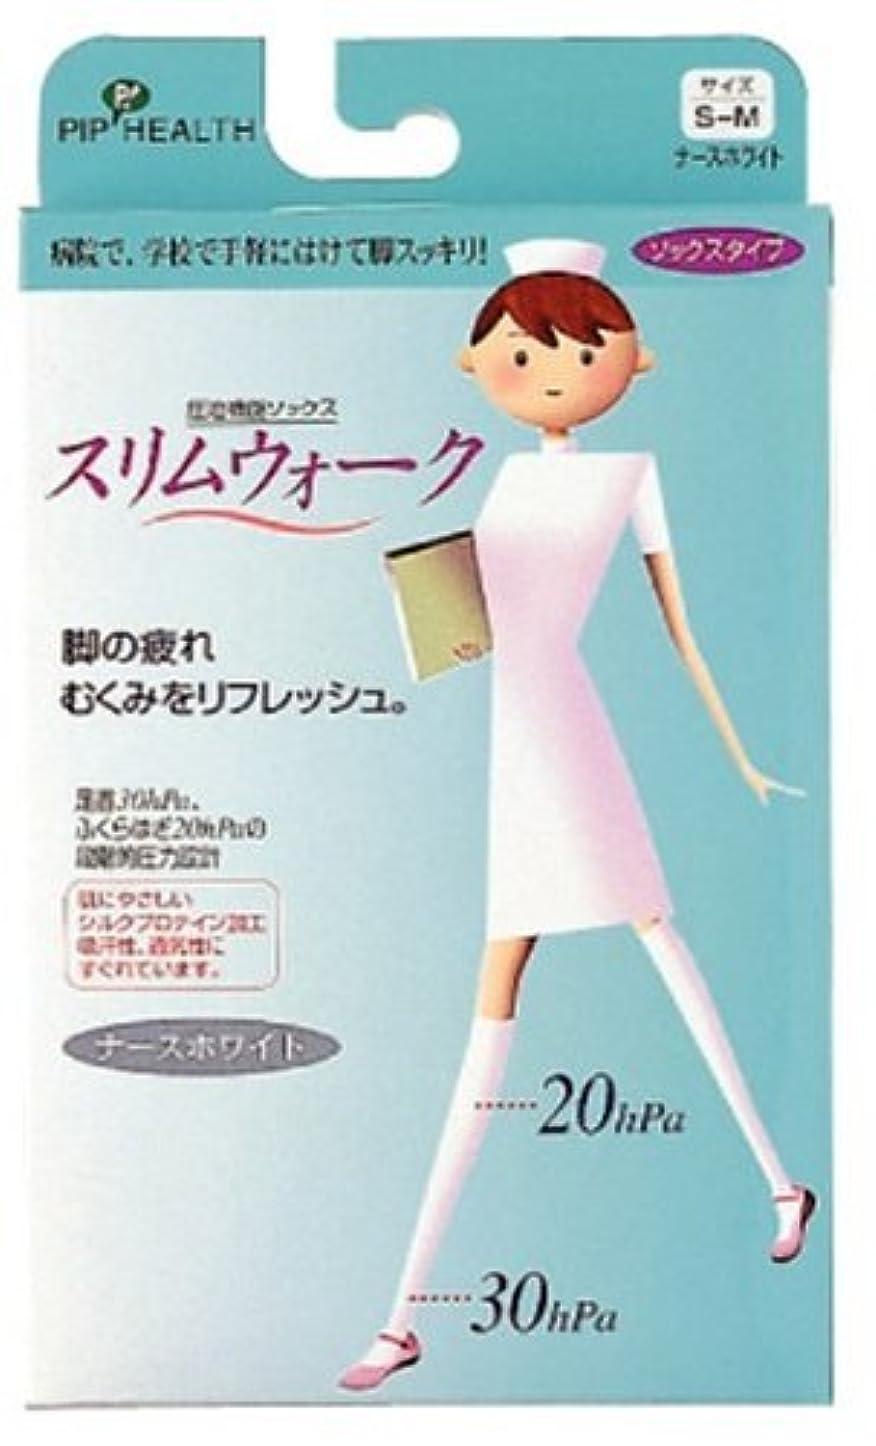 風味癌ネクタイ★3個セット★スリムウォーク ソックス ナースホワイト S-M(22~24cm)